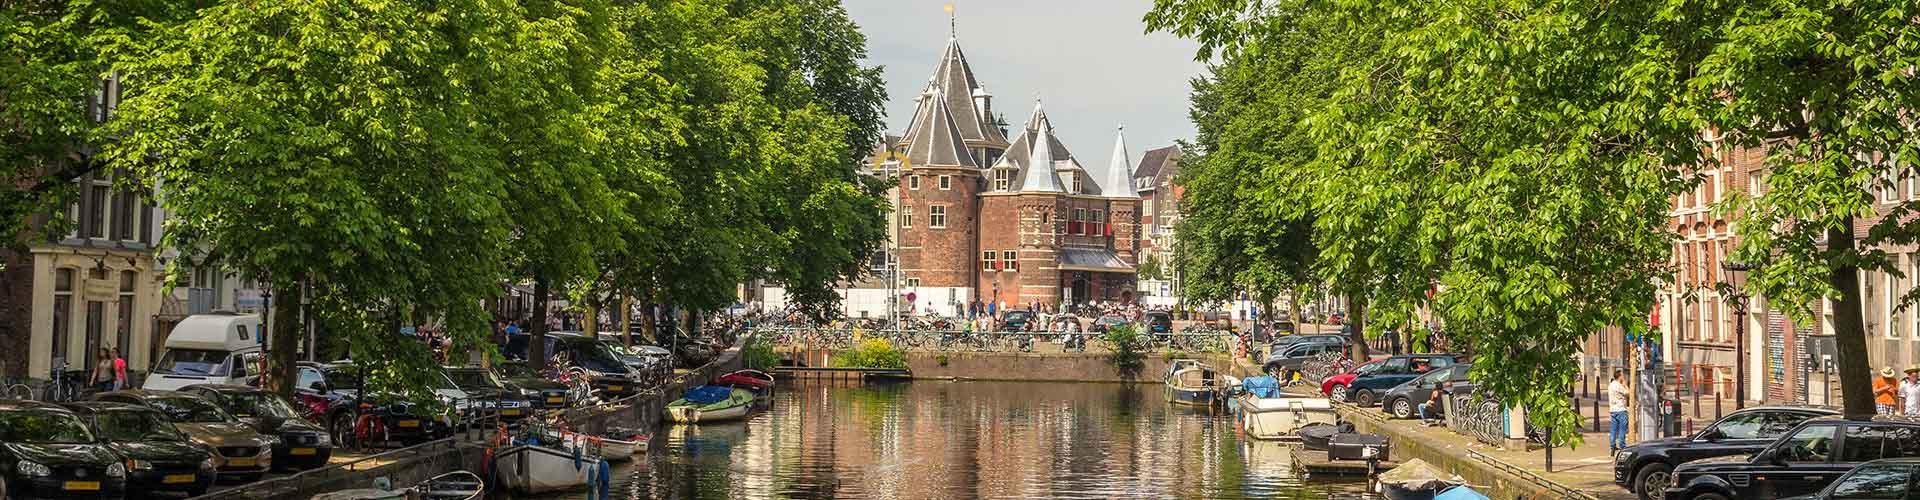 阿姆斯特丹 – 权衡楼附近的露营地。阿姆斯特丹地图,阿姆斯特丹每个露营地的照片和评价。